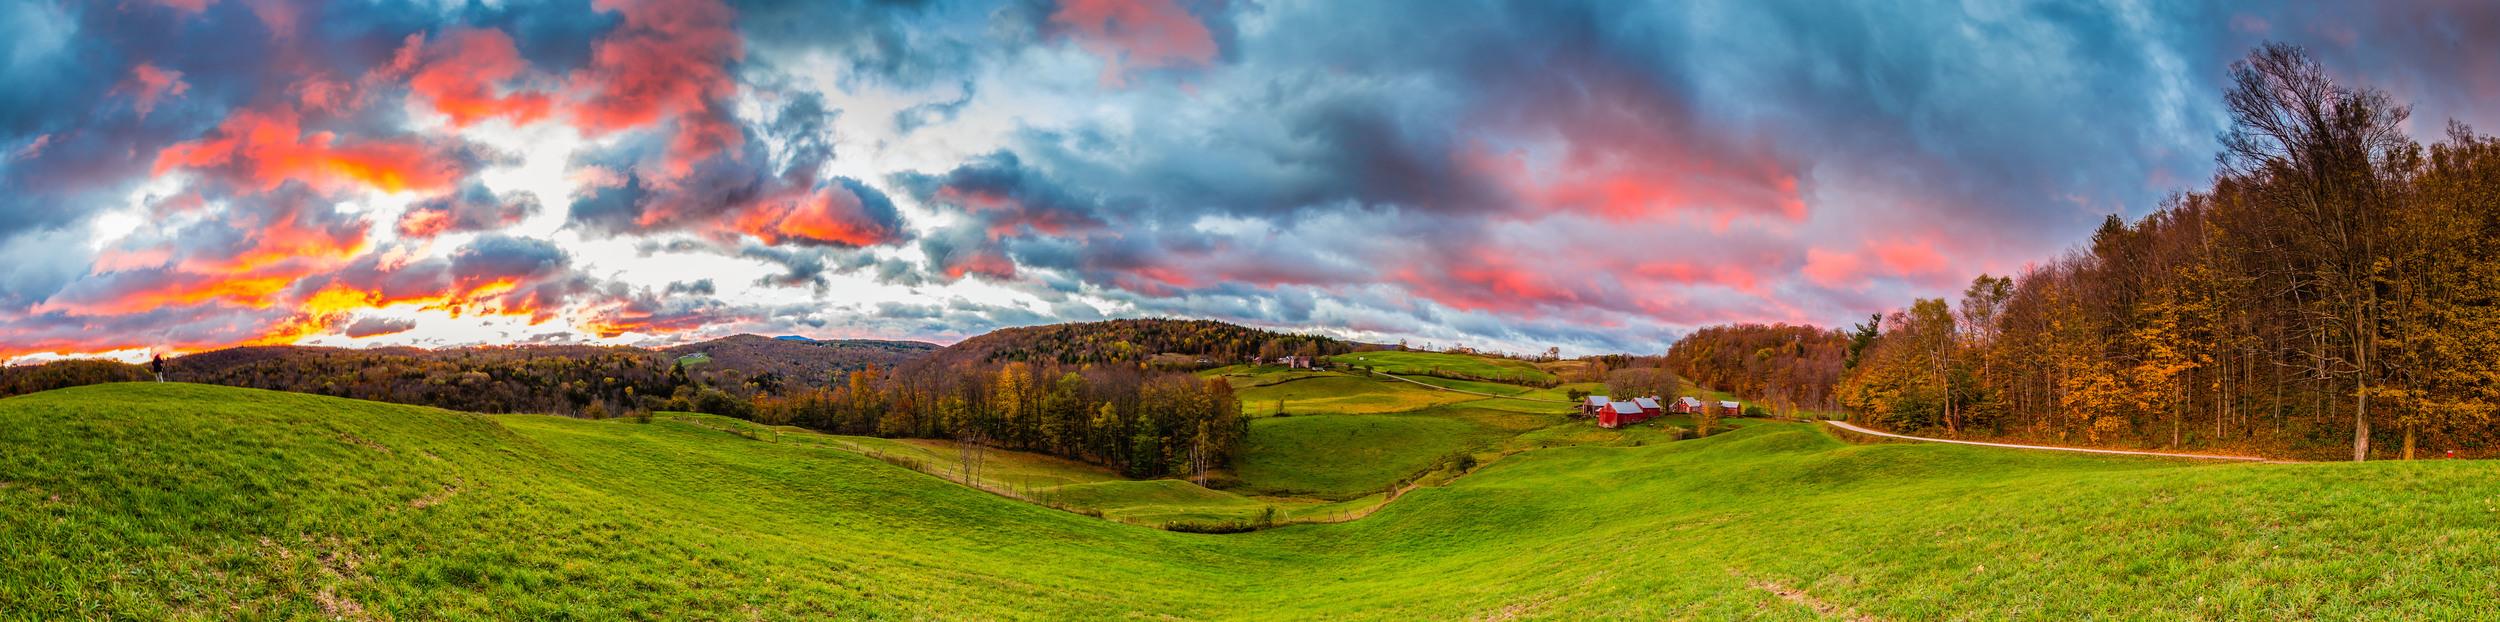 Jenne Farm_Panorama2.jpg